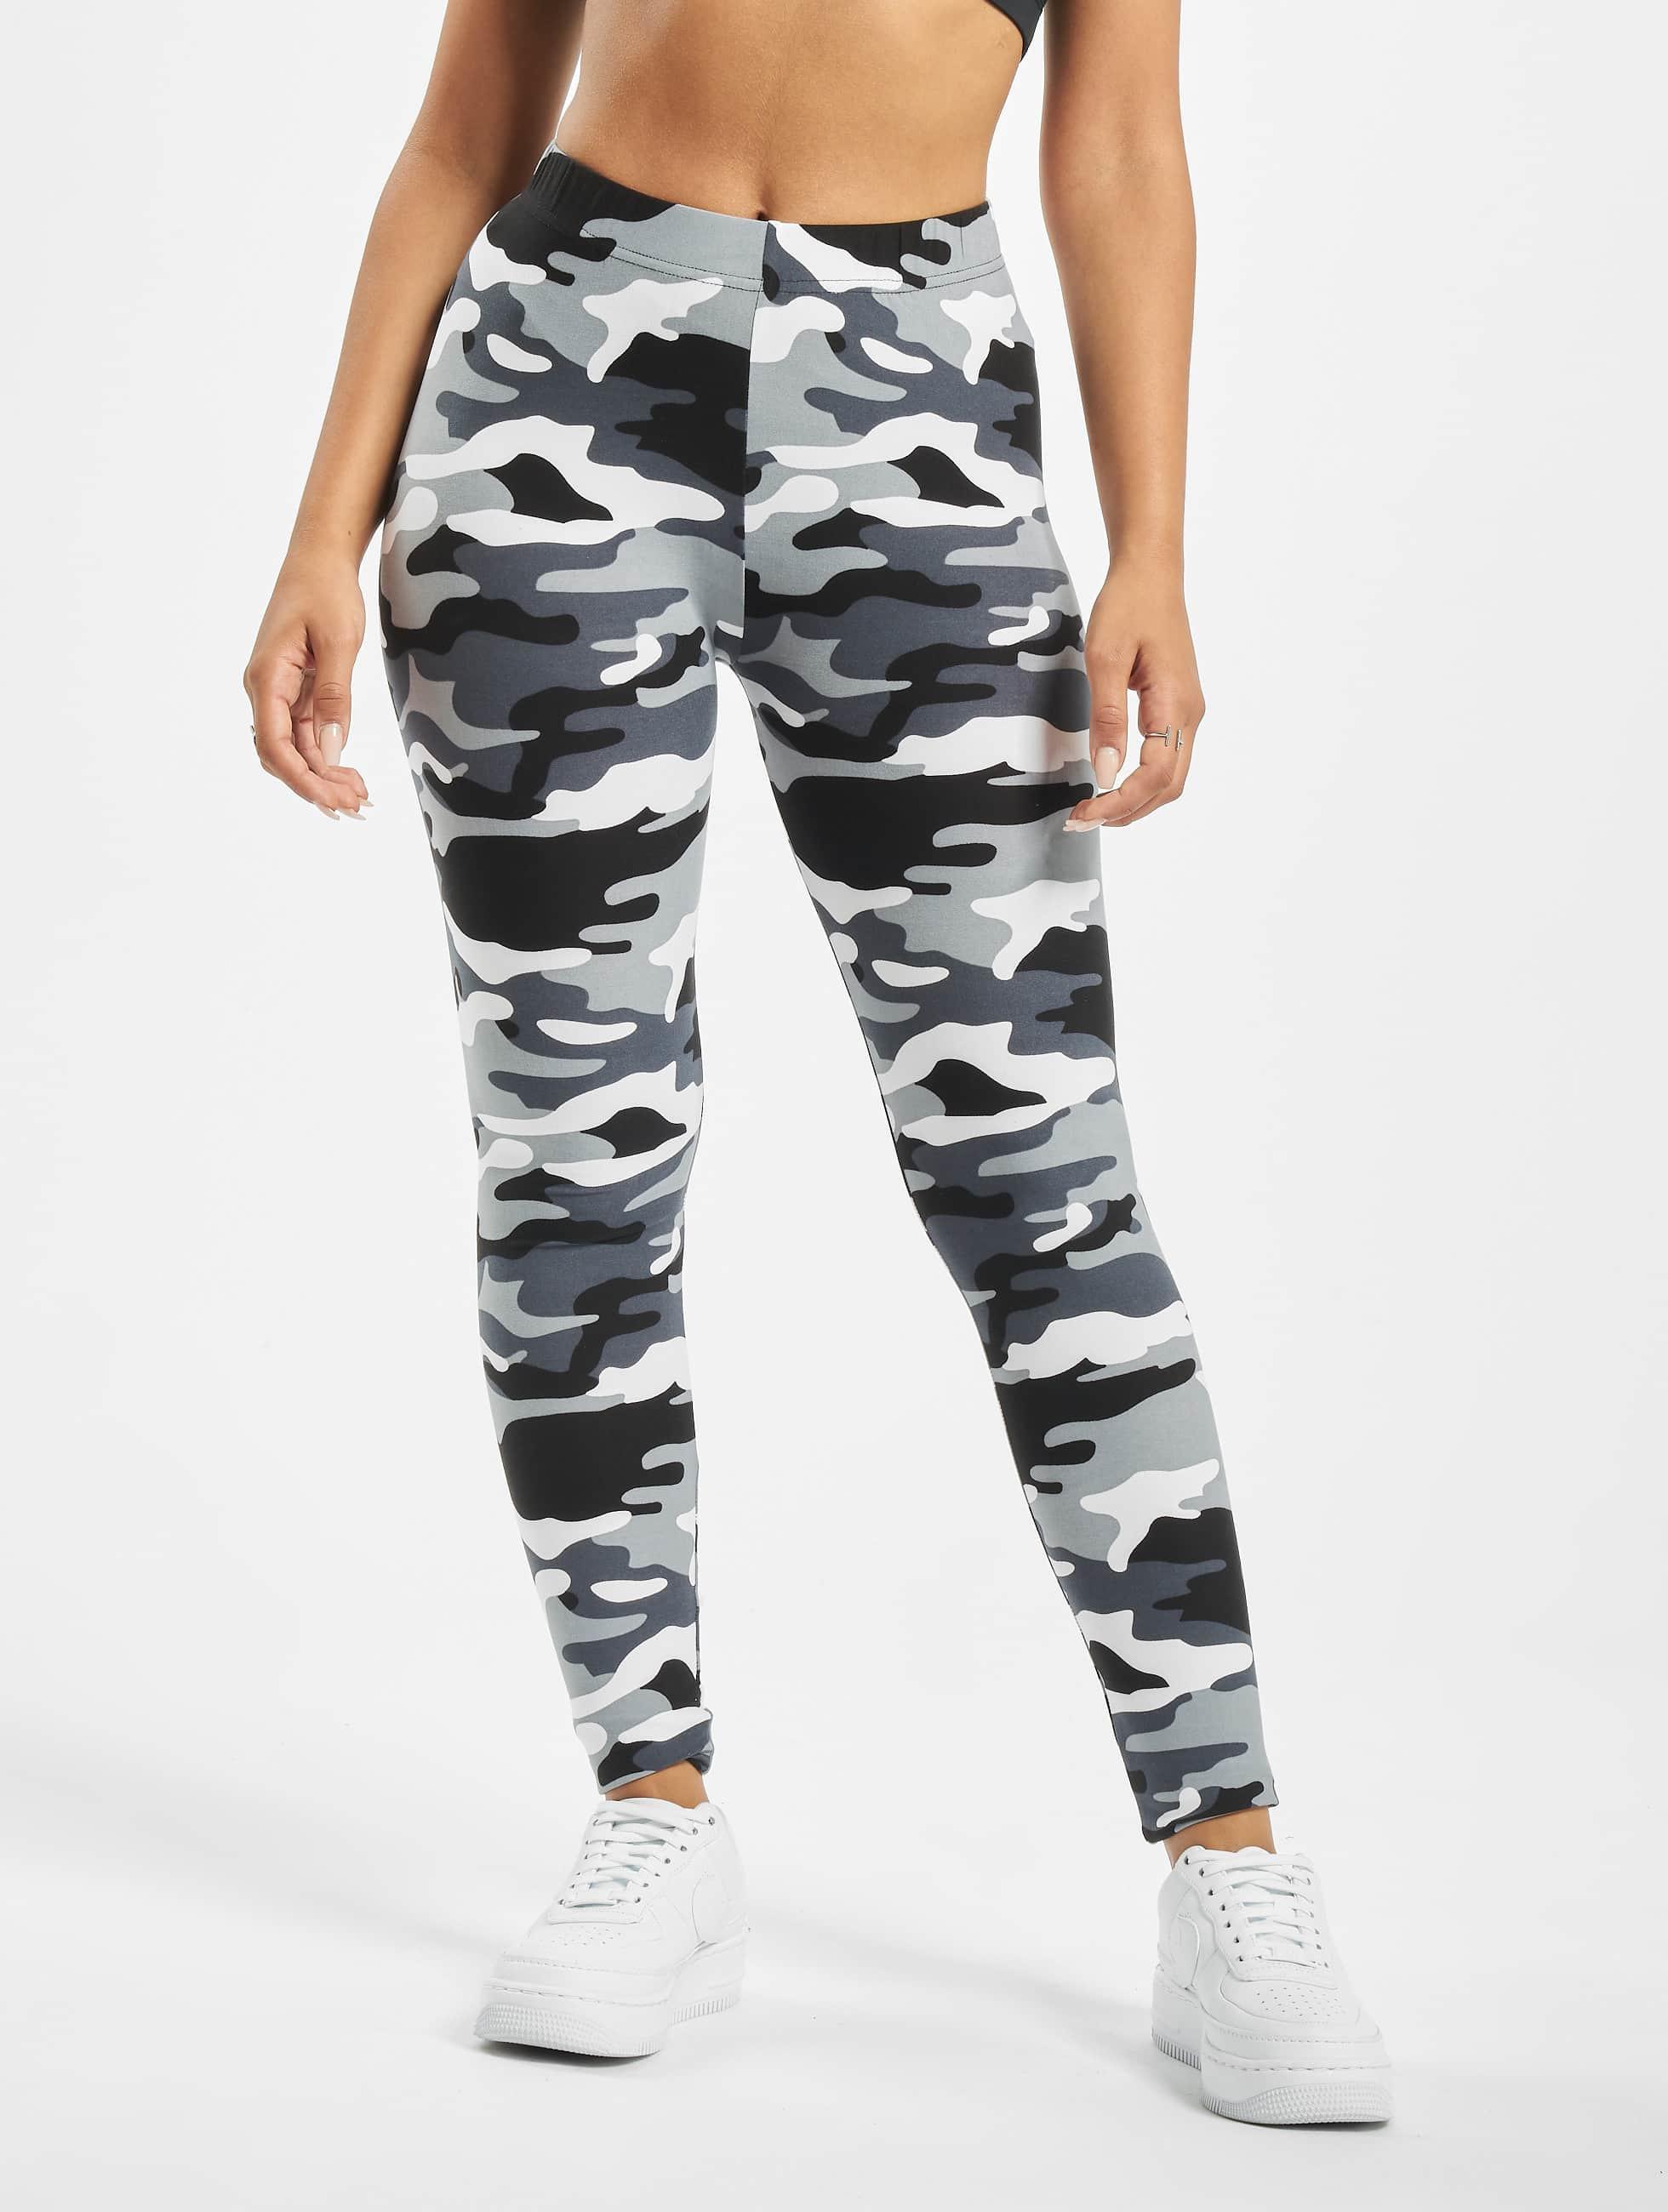 urban classics damen legging ladies camo in camouflage 304605. Black Bedroom Furniture Sets. Home Design Ideas